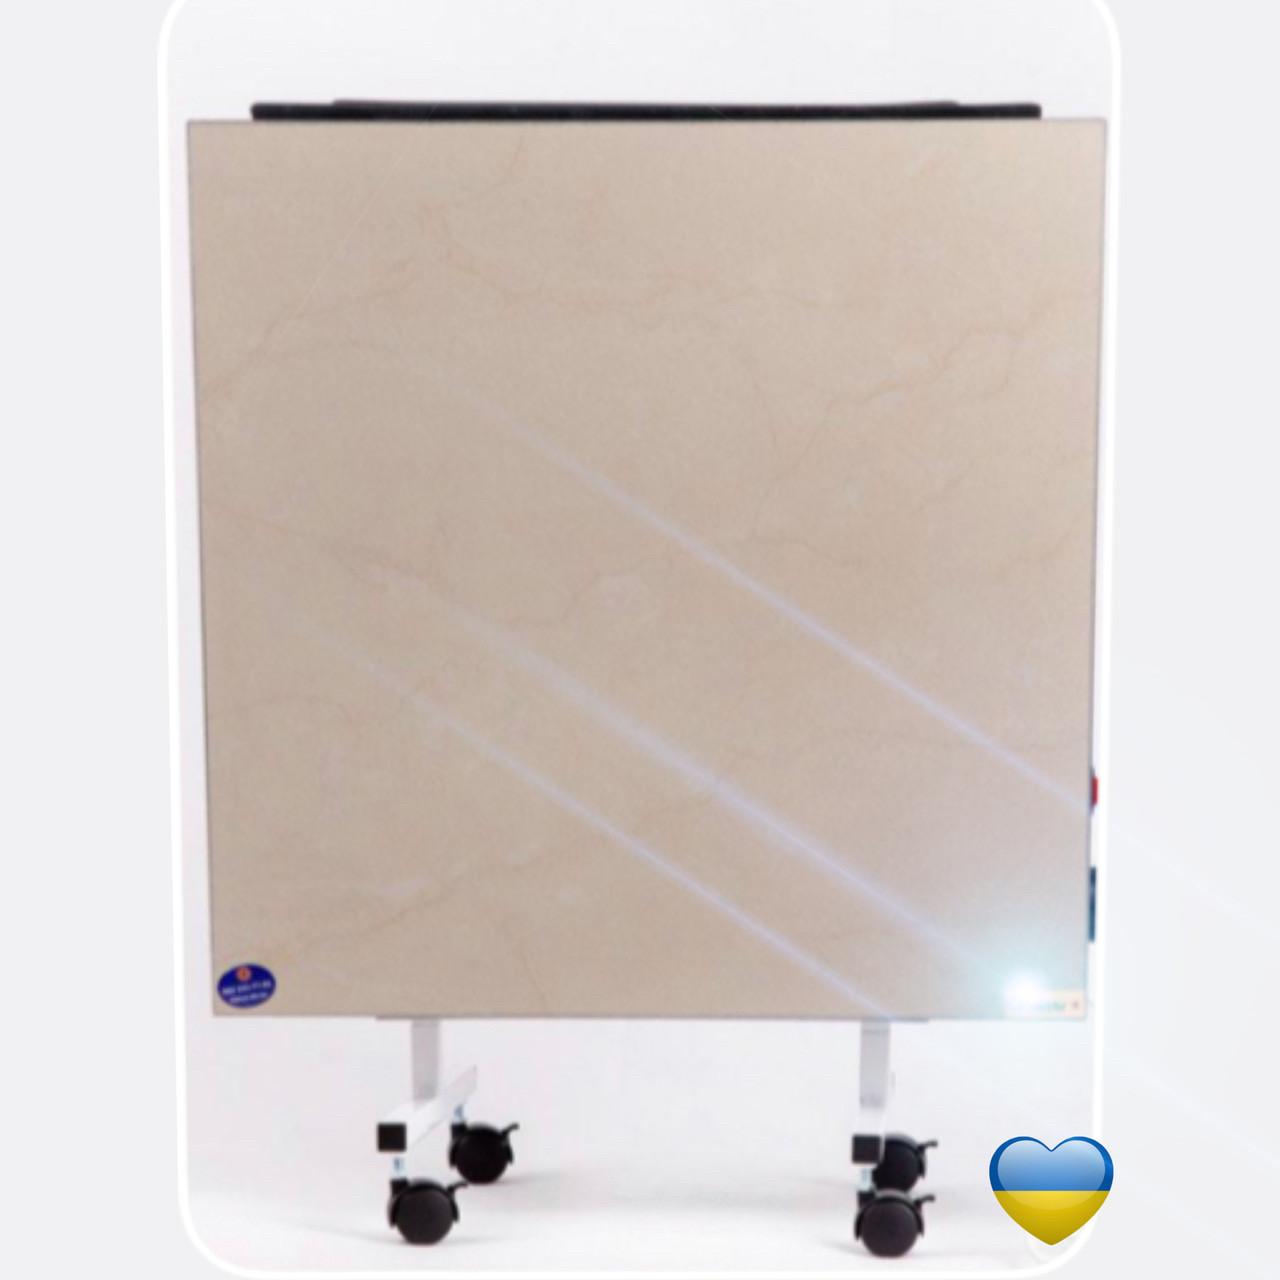 Обогреватель керамический инфракрасный энергосберегающий ВЕНЕЦИЯ ПКК 700Вт 60x60 см механ. терморег.